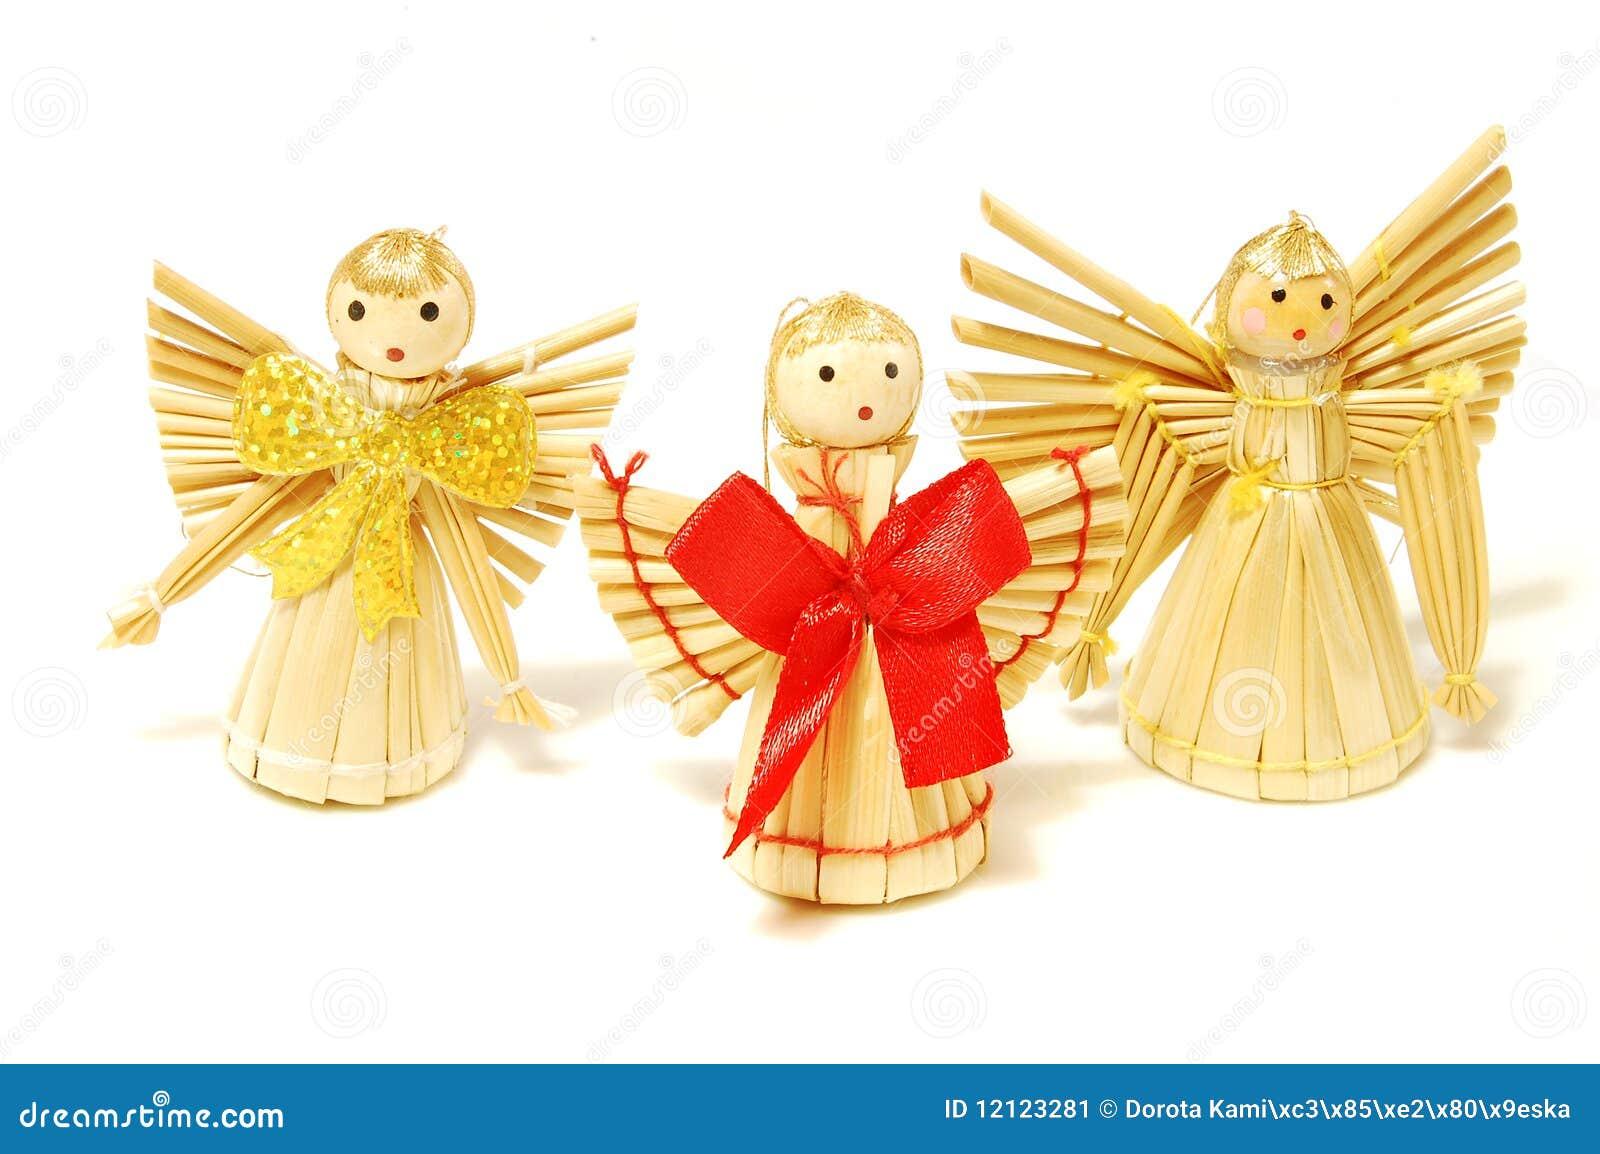 Anges de paille de no l image stock image 12123281 - Anges de noel ...